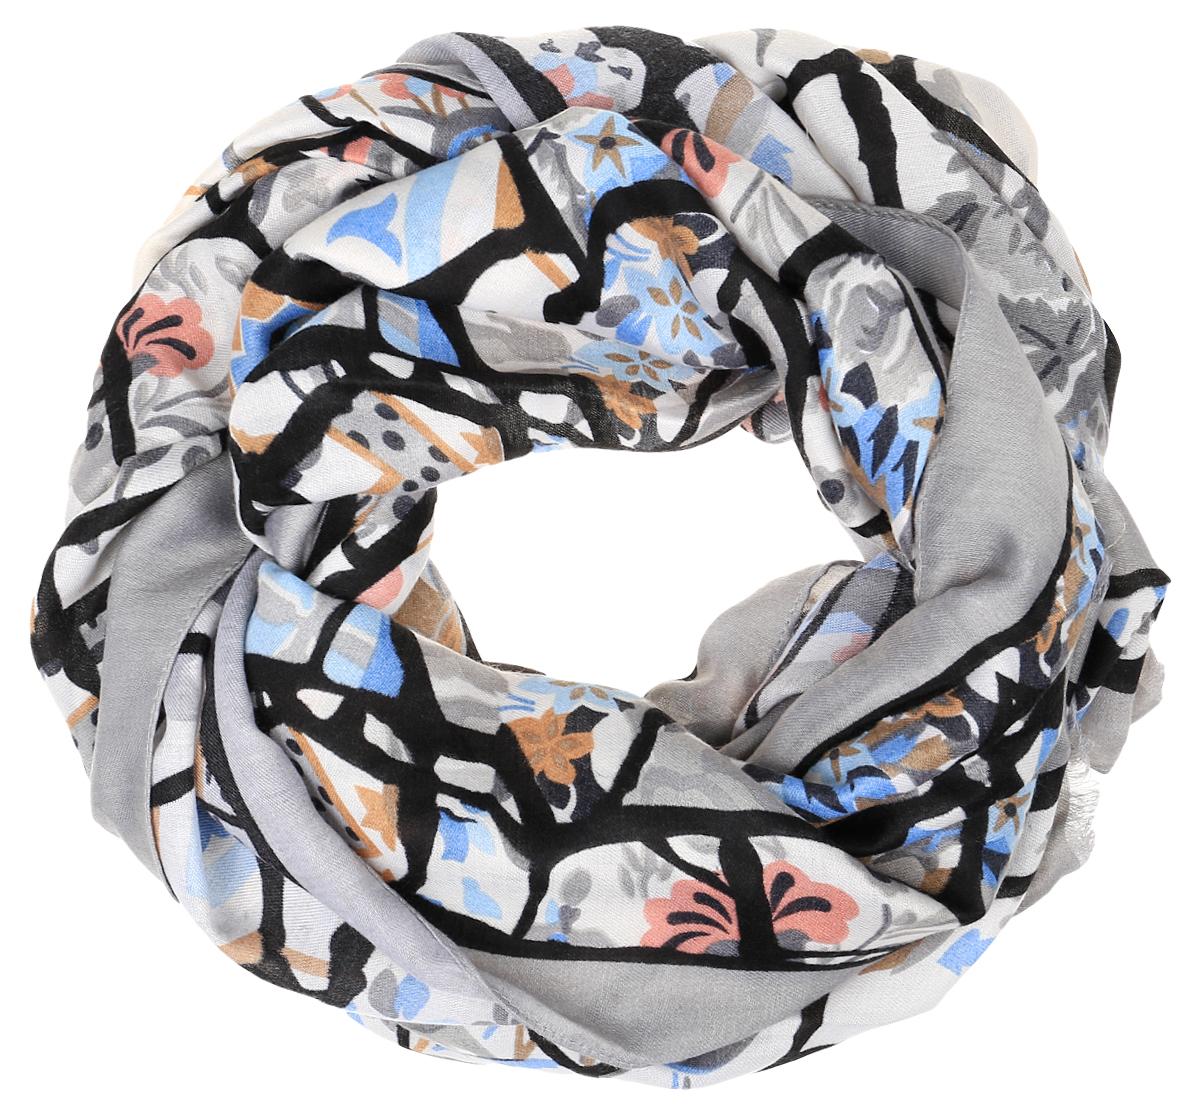 Шарф женский Fabretti, цвет: серый, молочный, черный. TUTF415. Размер 90 см х 180 смTUTF415-2Женский шарф Fabretti подарит уют и согреет от холодного ветра. Изготовленный из высококачественной вискозы, он очень легкий, мягкий, имеет приятную на ощупь текстуру. Модель оформлена принтом, украшена по краям кисточками.Такой аксессуар станет стильным дополнением к образу современной женщины, стремящейся всегда оставаться яркой и элегантной.